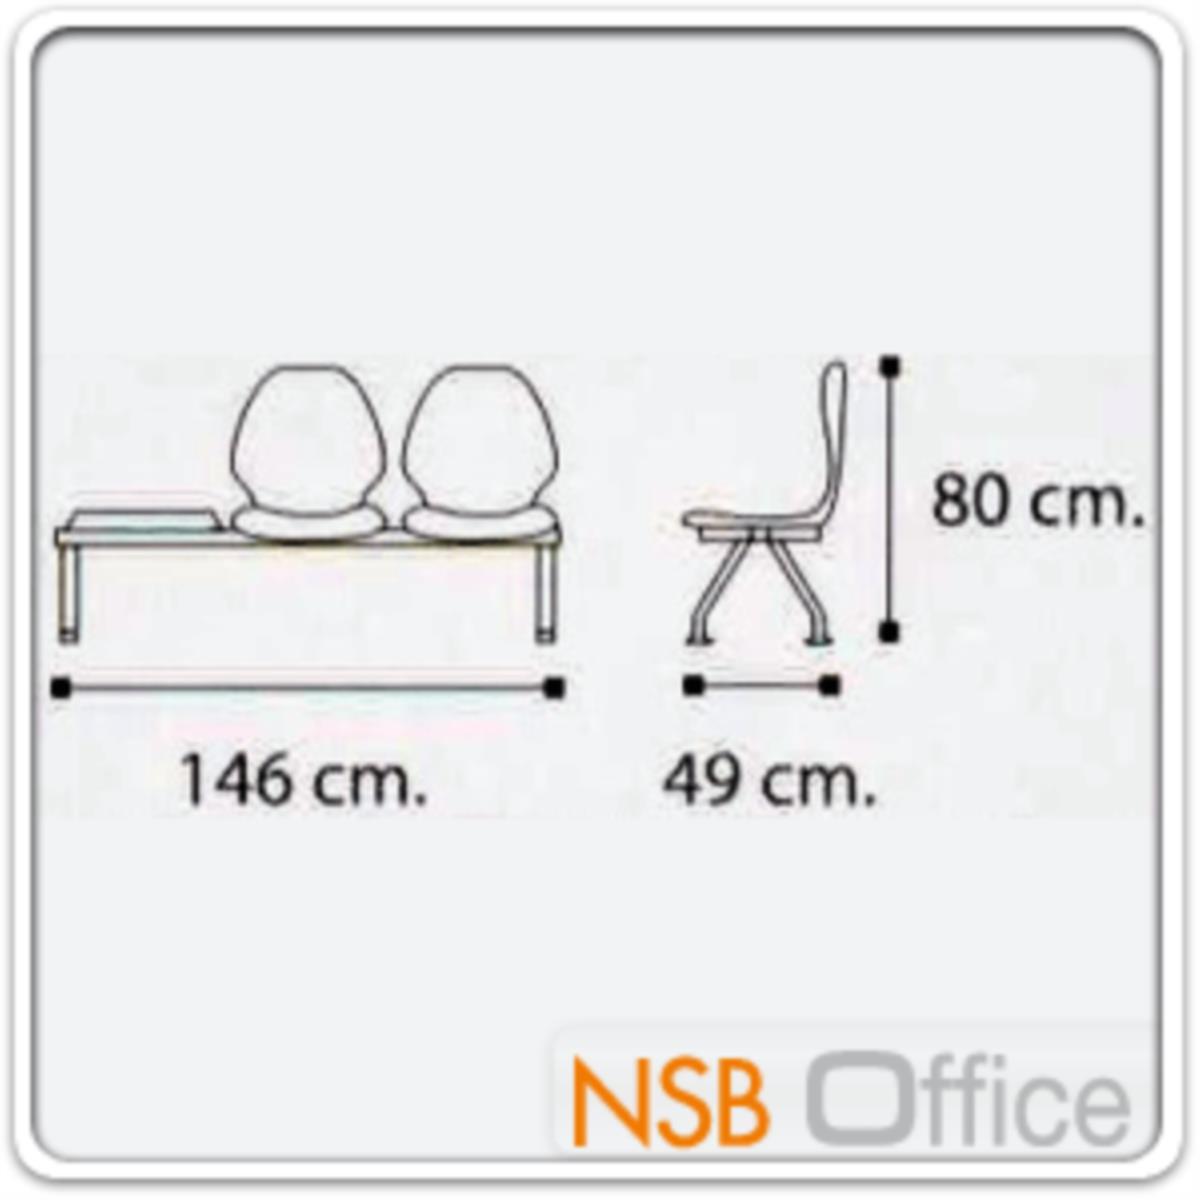 เก้าอี้นั่งคอยเฟรมโพลี่ รุ่น B608 2 ,3 ที่นั่ง ขนาด 146W ,199W cm. พร้อมที่วางของ ขาเหล็ก